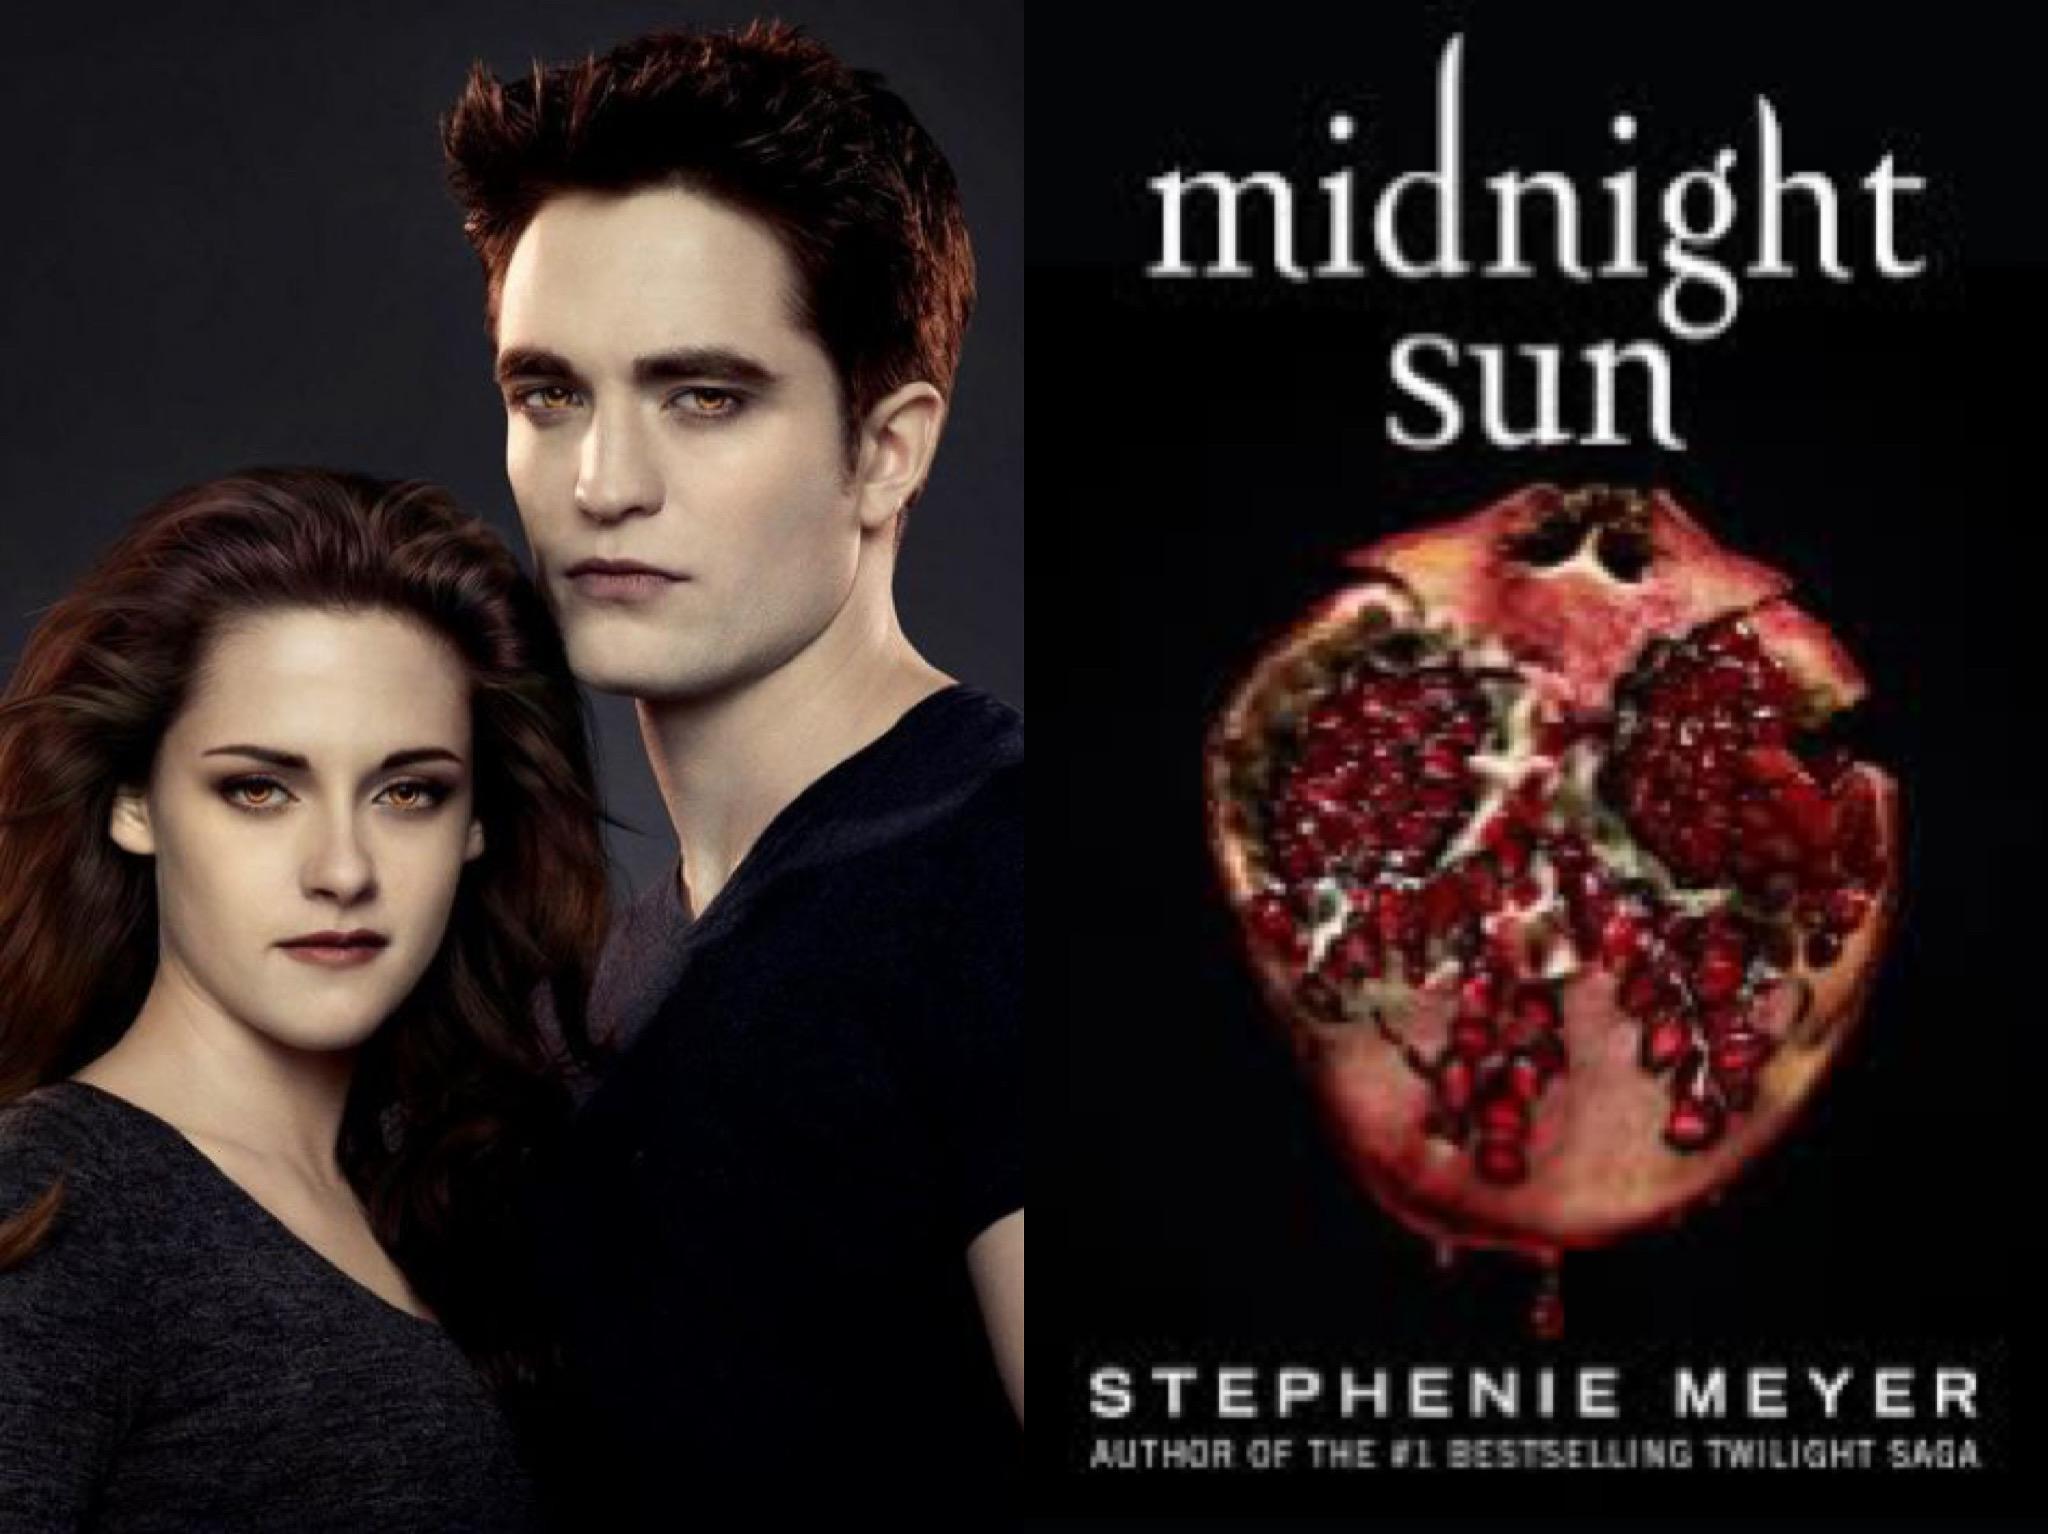 'Midnight Sun': Tiểu thuyết tiếp theo về gia đình ma cà rồng của tác giả 'Chạng Vạng' sắp ra mắt